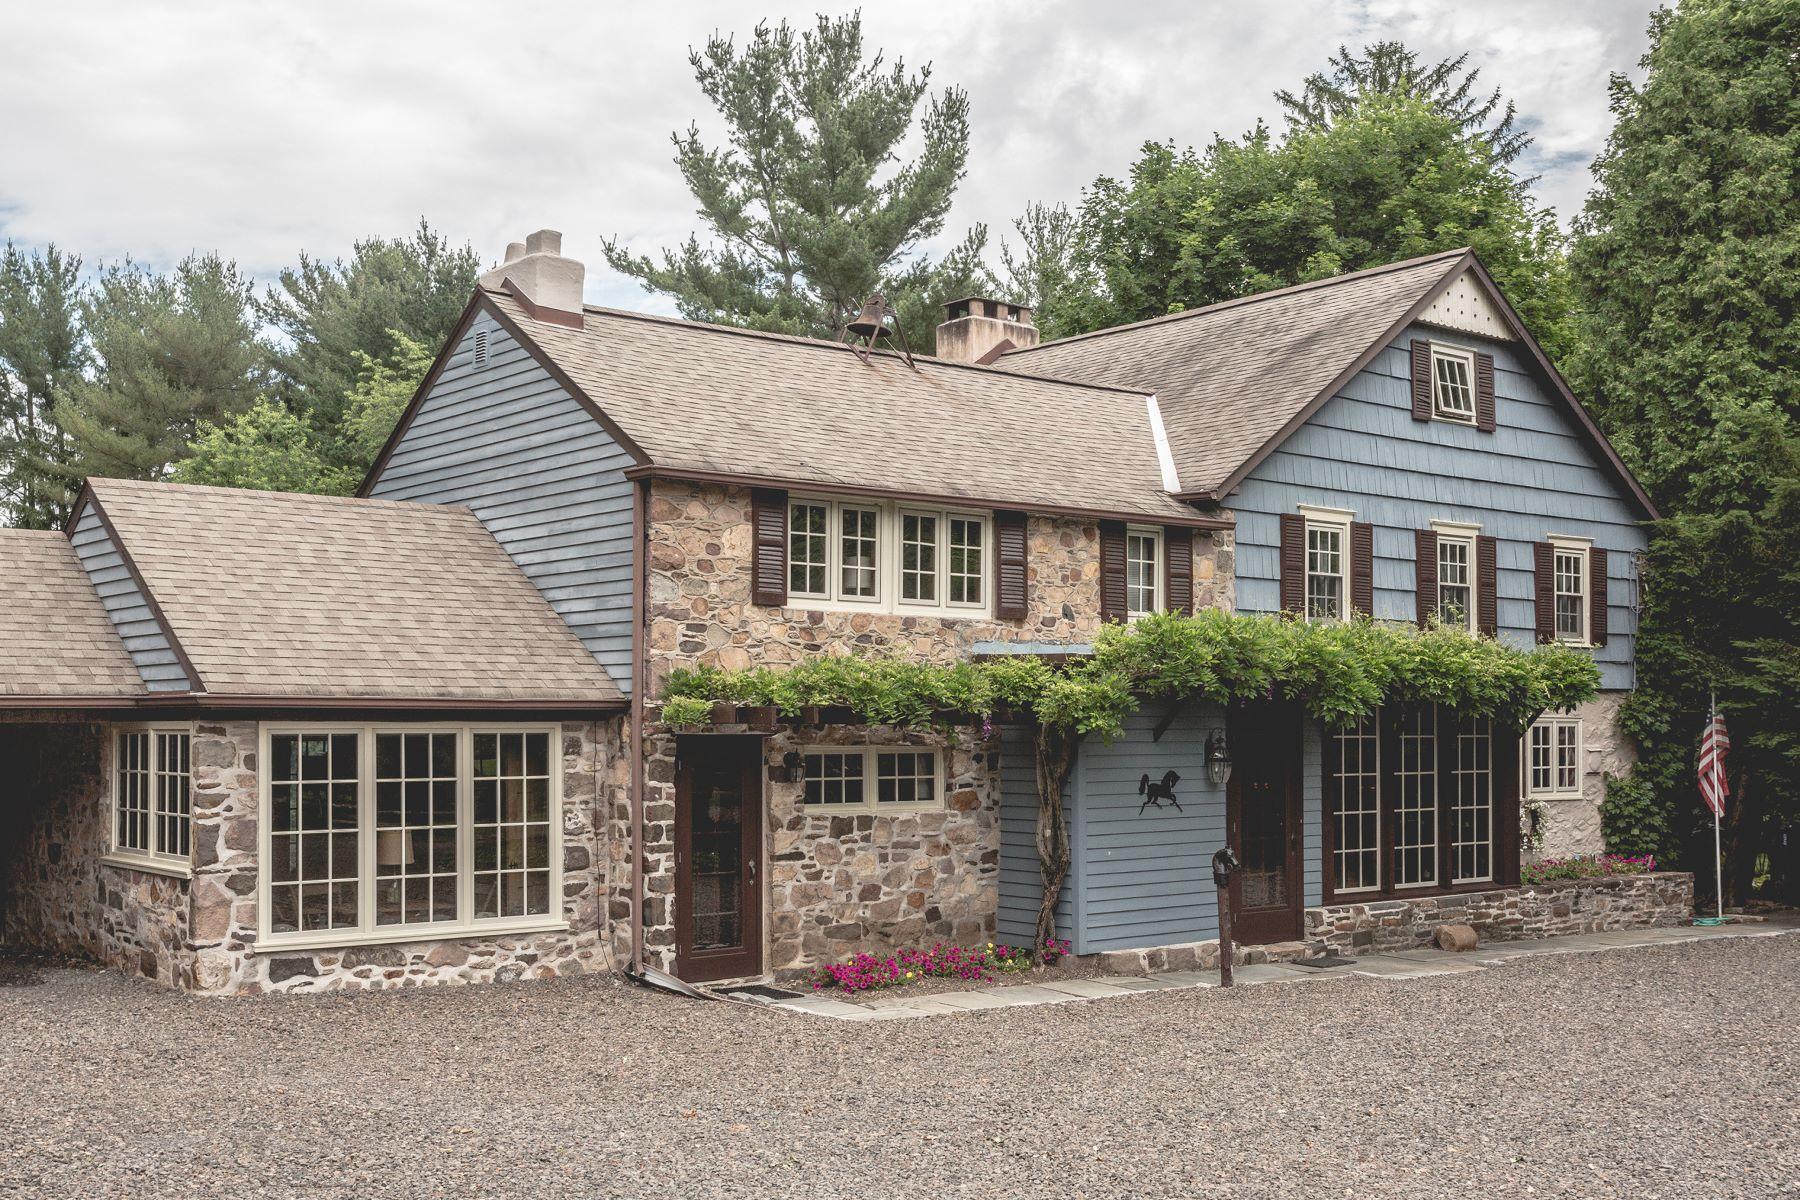 独户住宅 为 销售 在 1588 Woodside Rd 雅德利, 宾夕法尼亚州 19067 美国